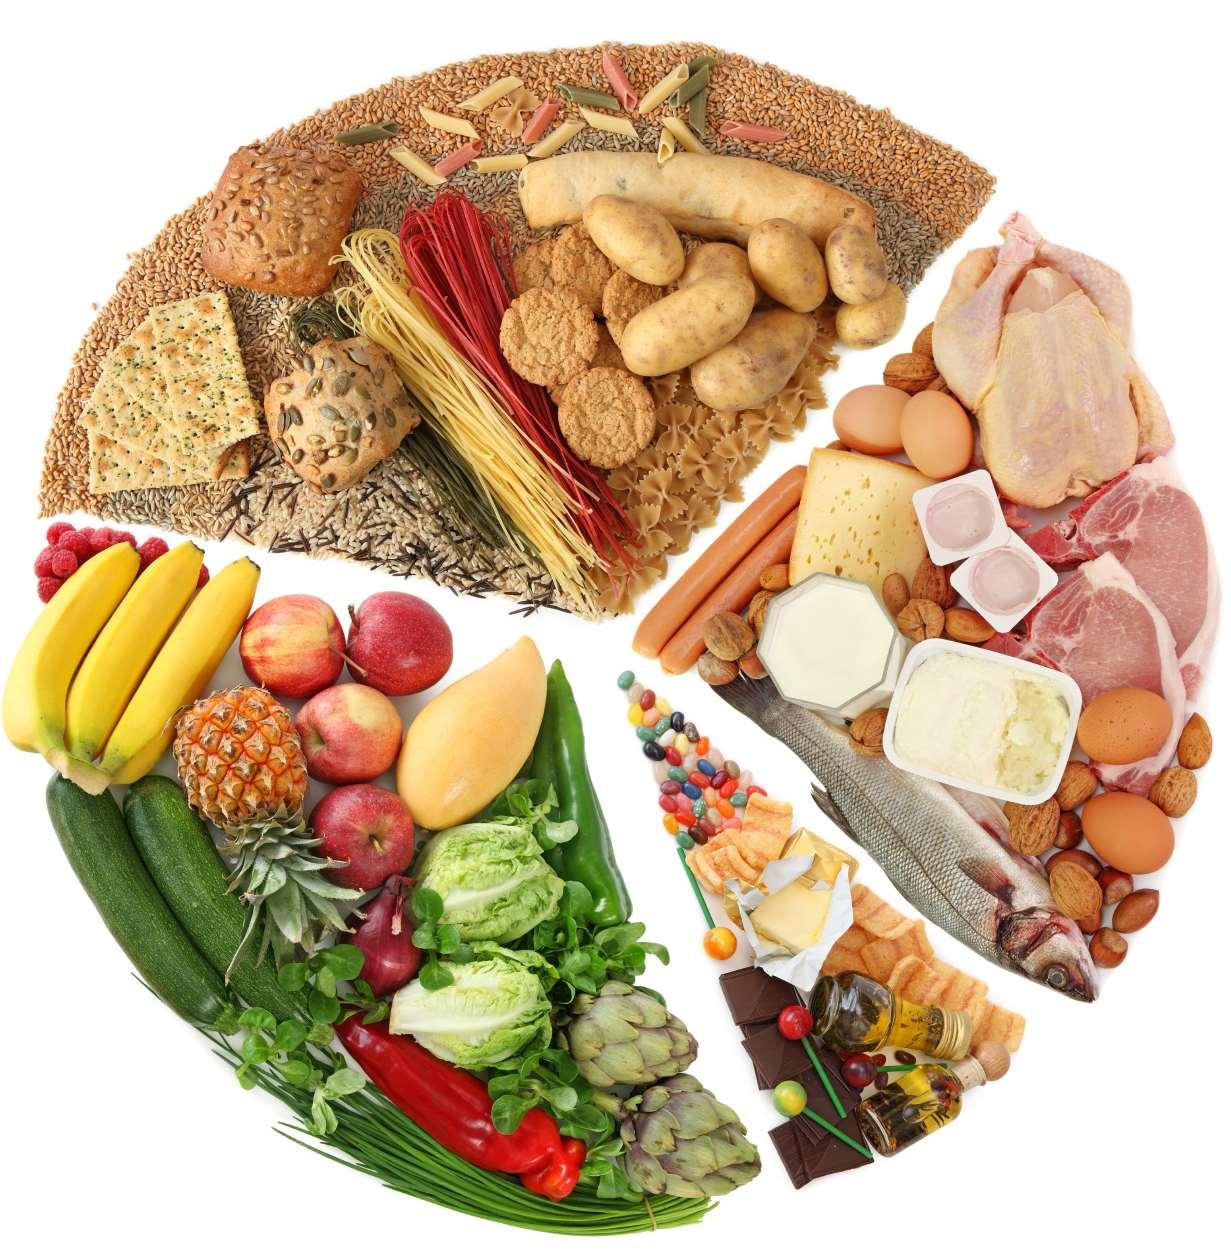 раздельное питание для похудения рецепты блюд